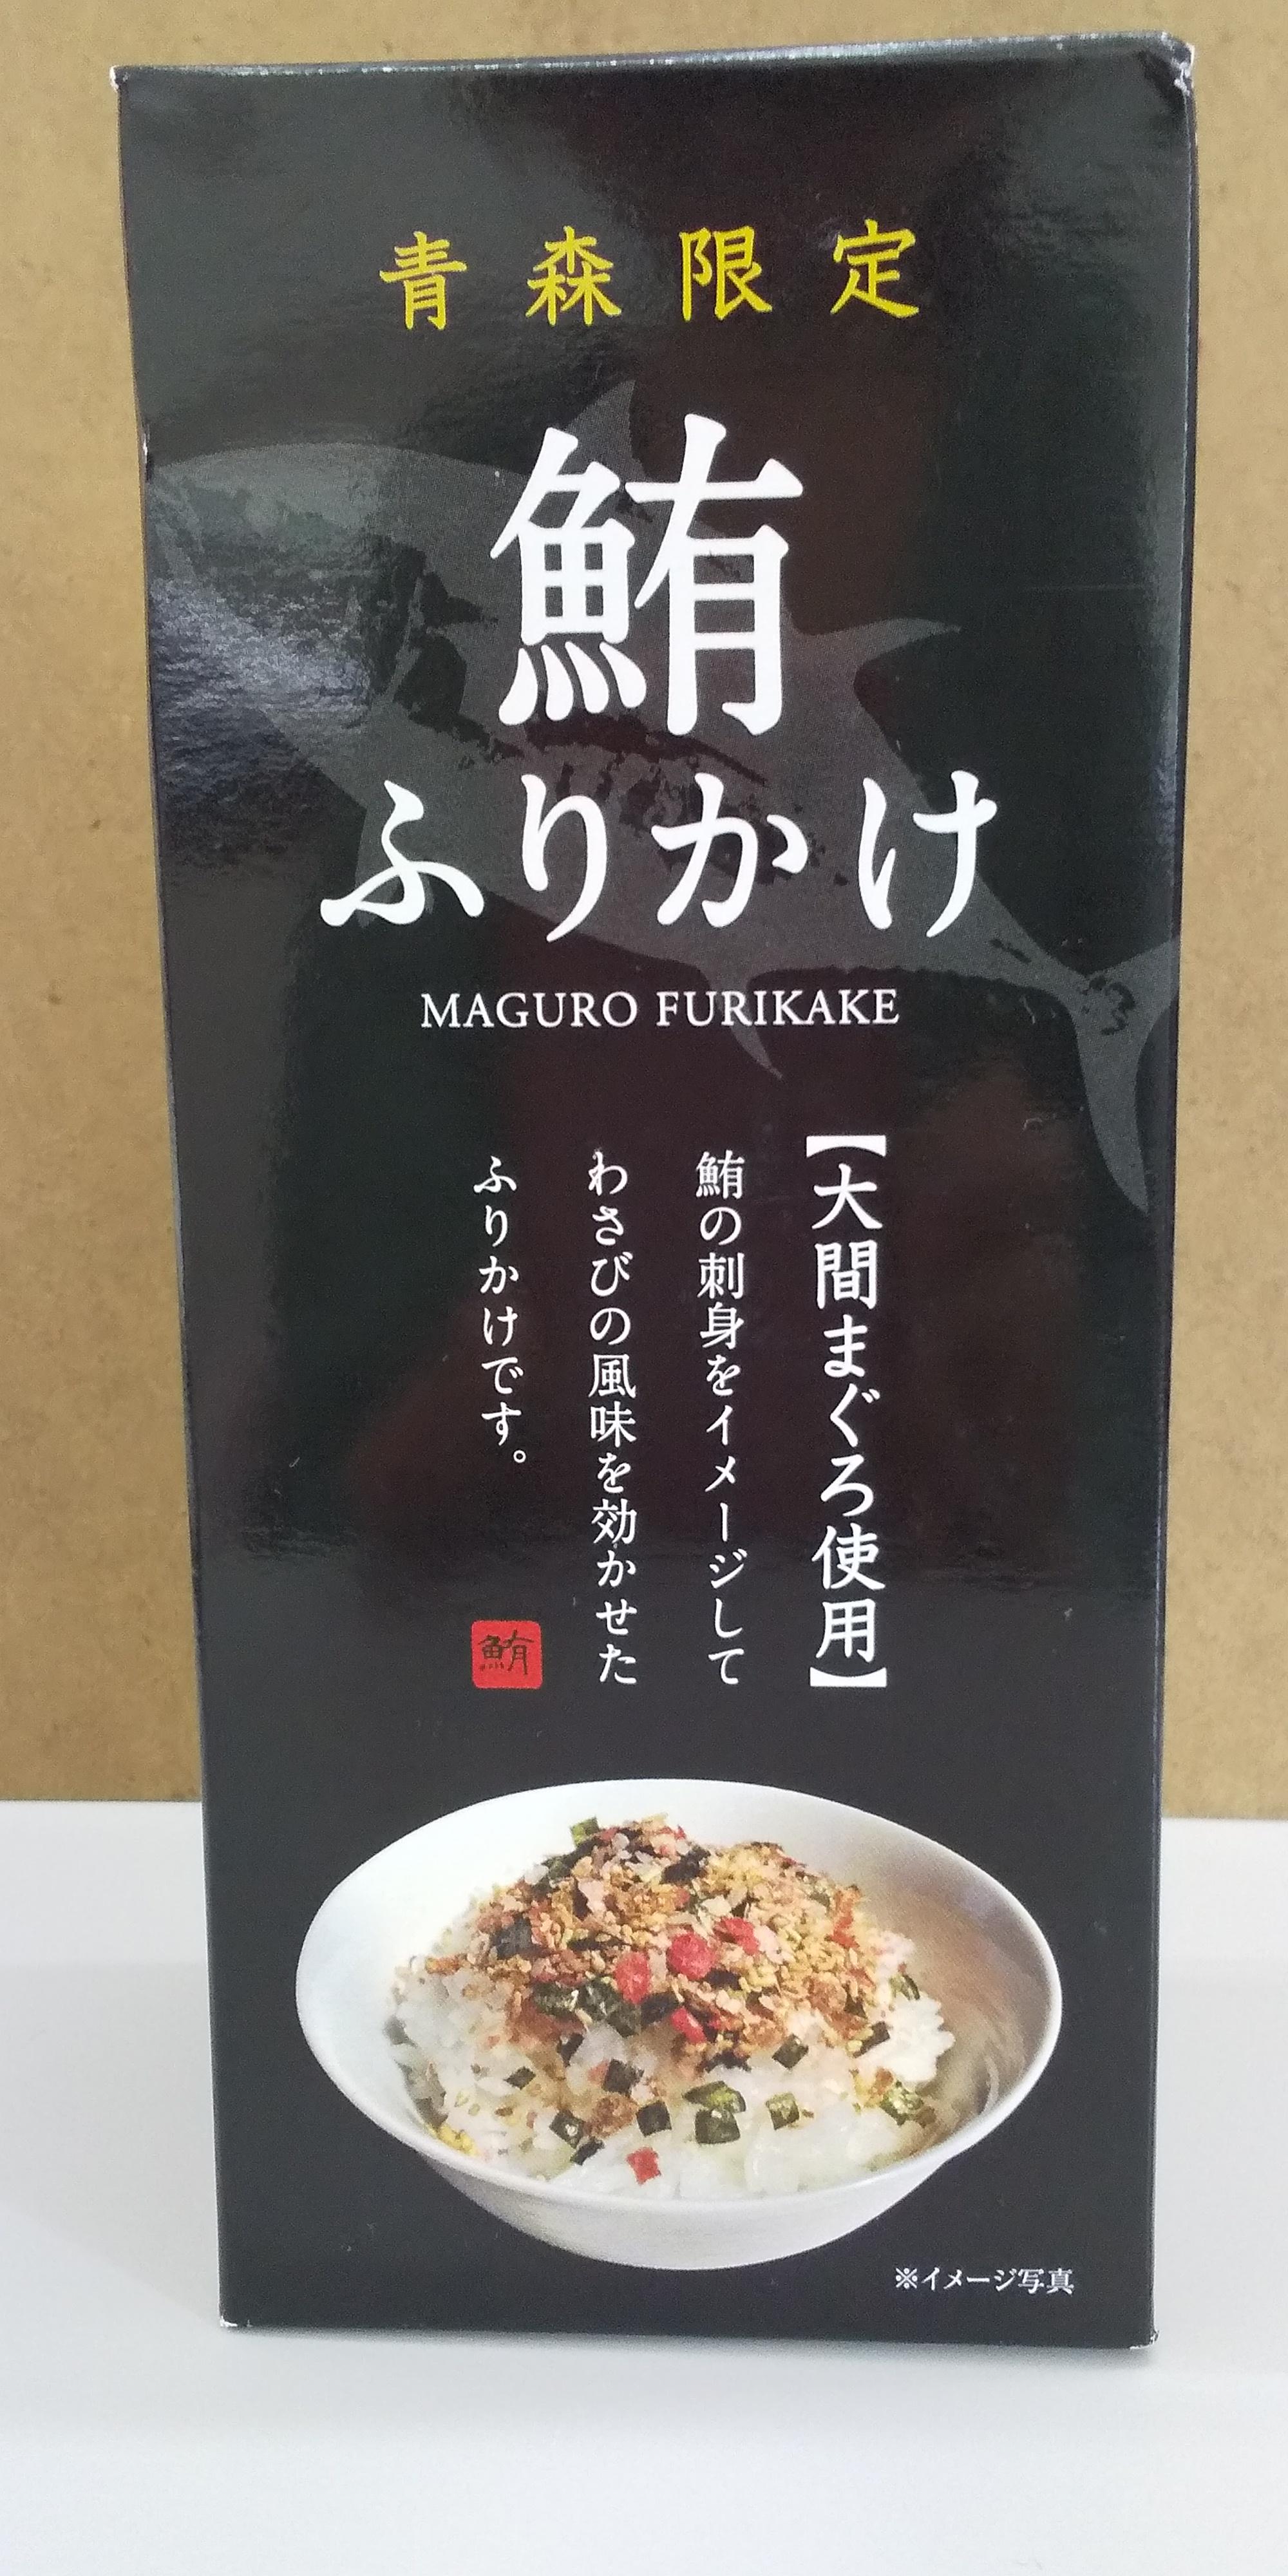 妖怪・ふりかけ乞食登場!!